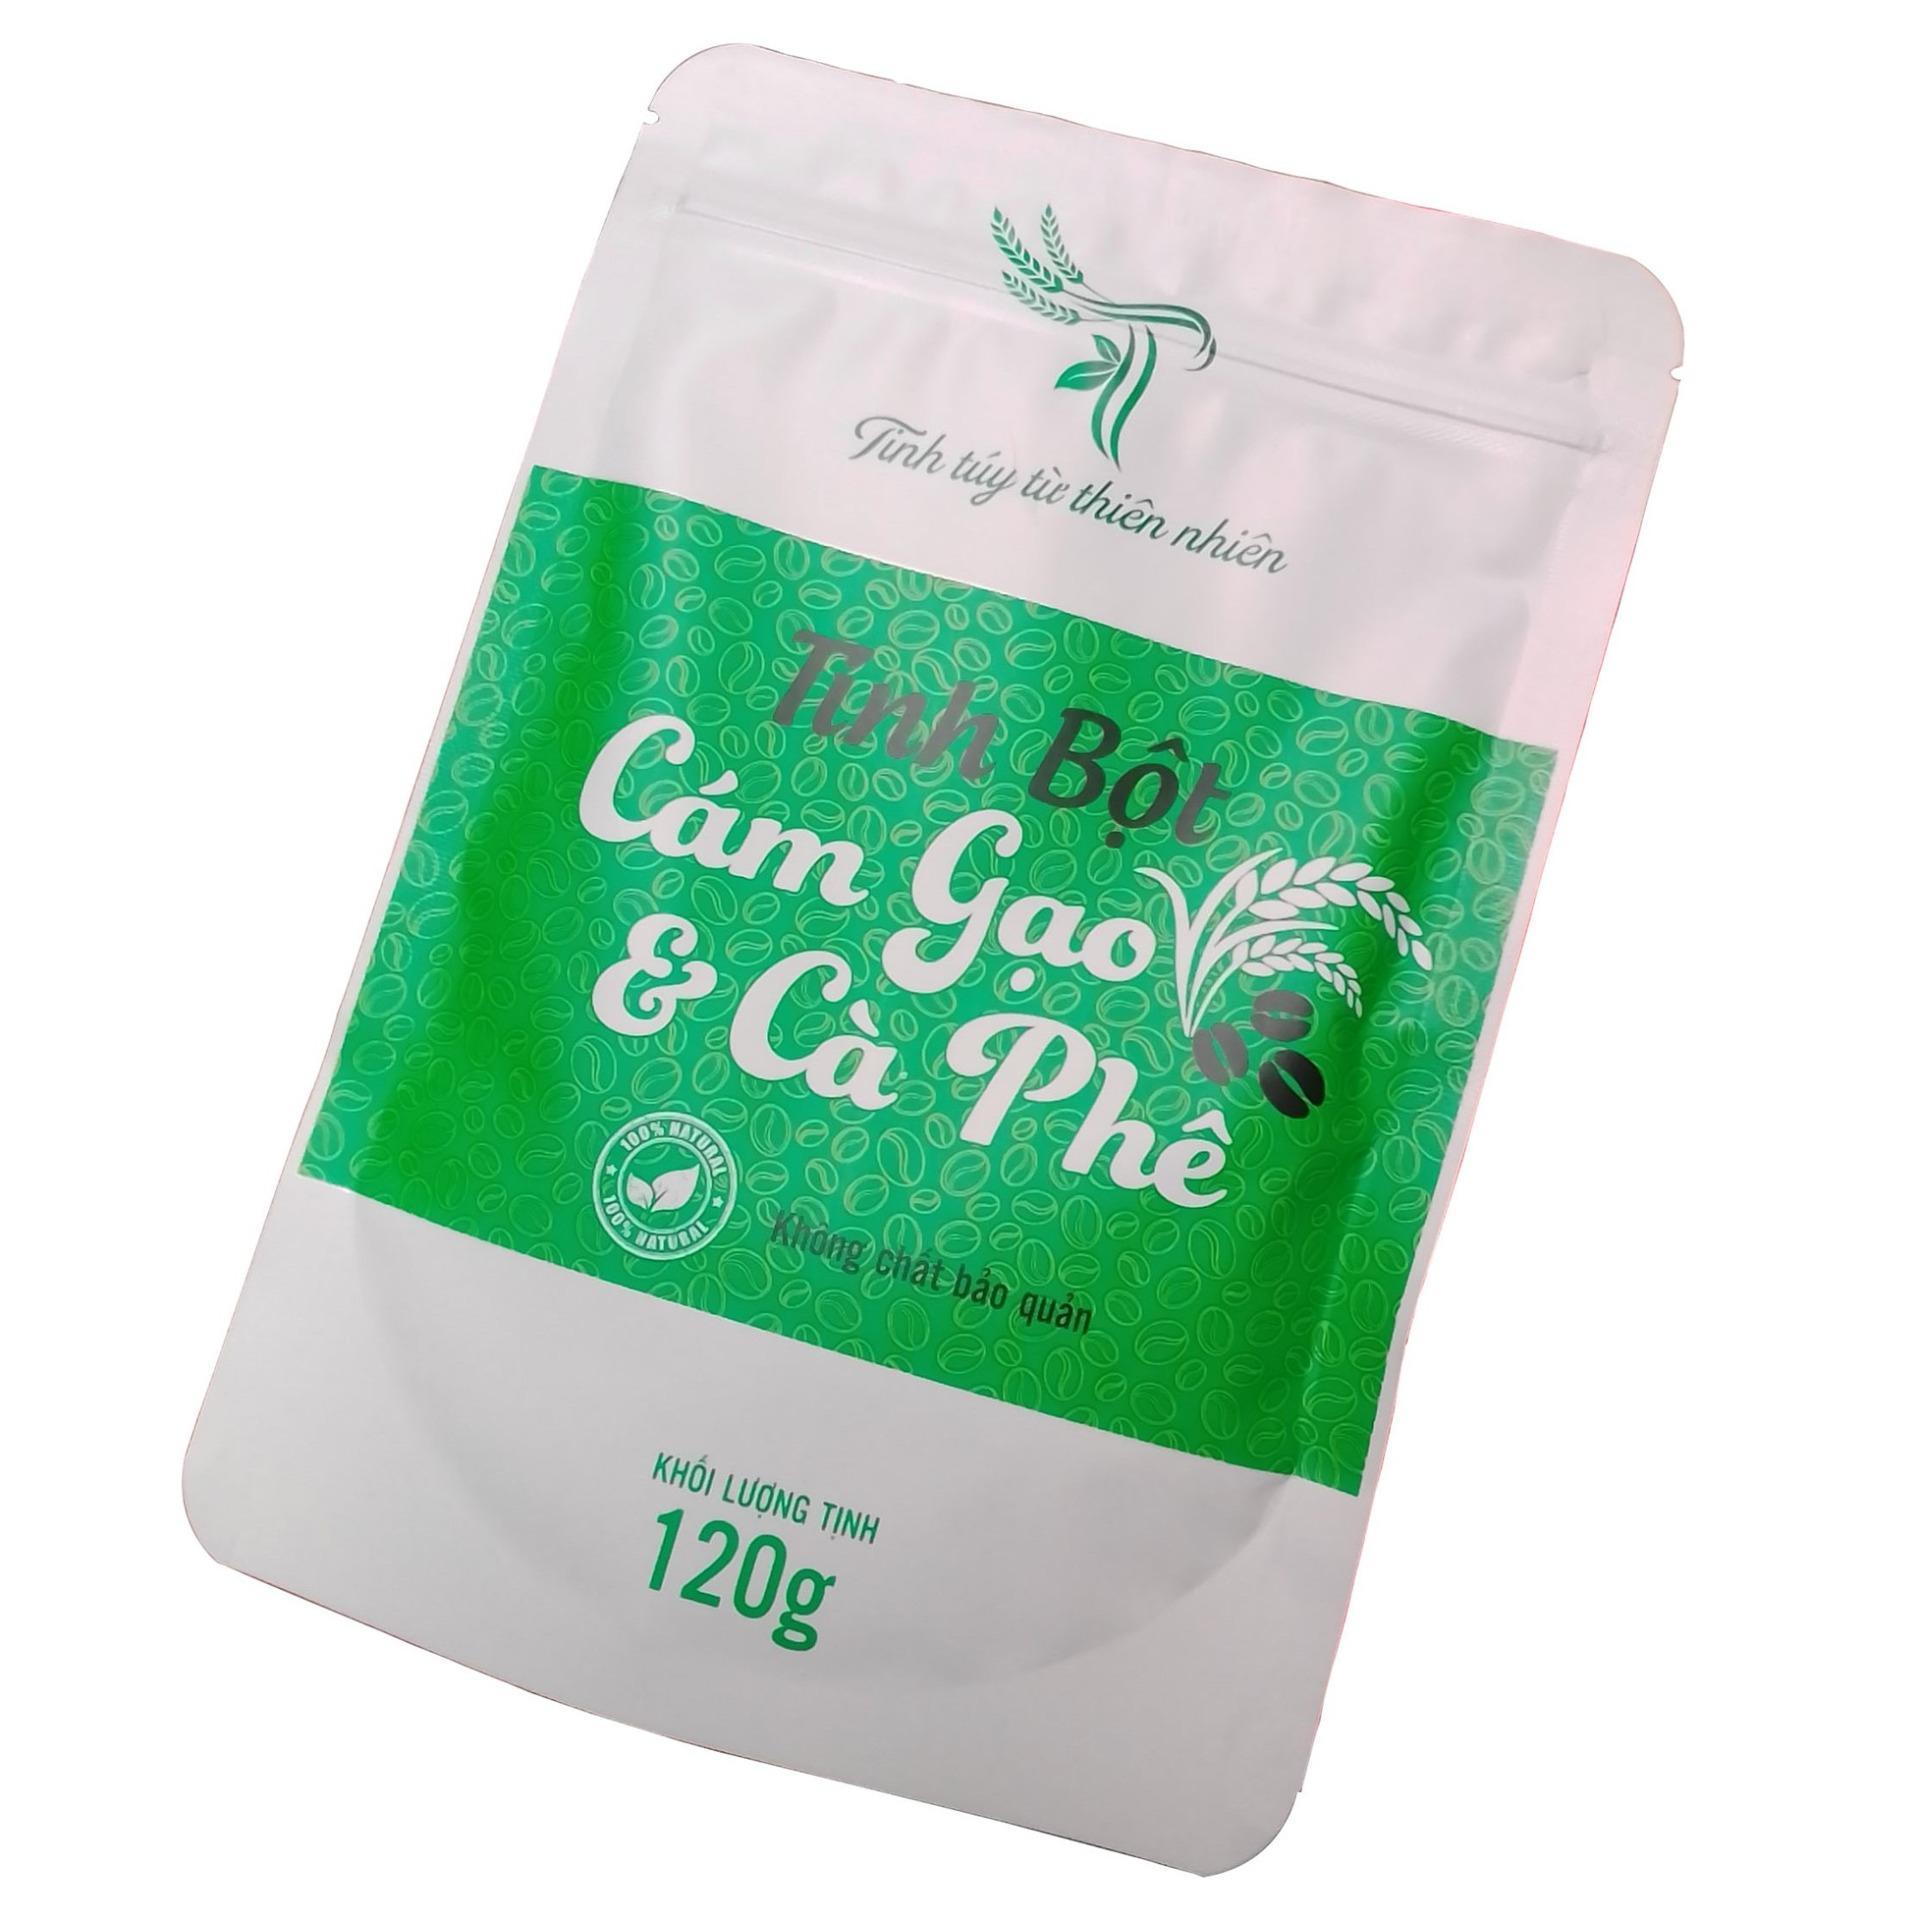 Cám gạo cà phê dùng để tắm trắng